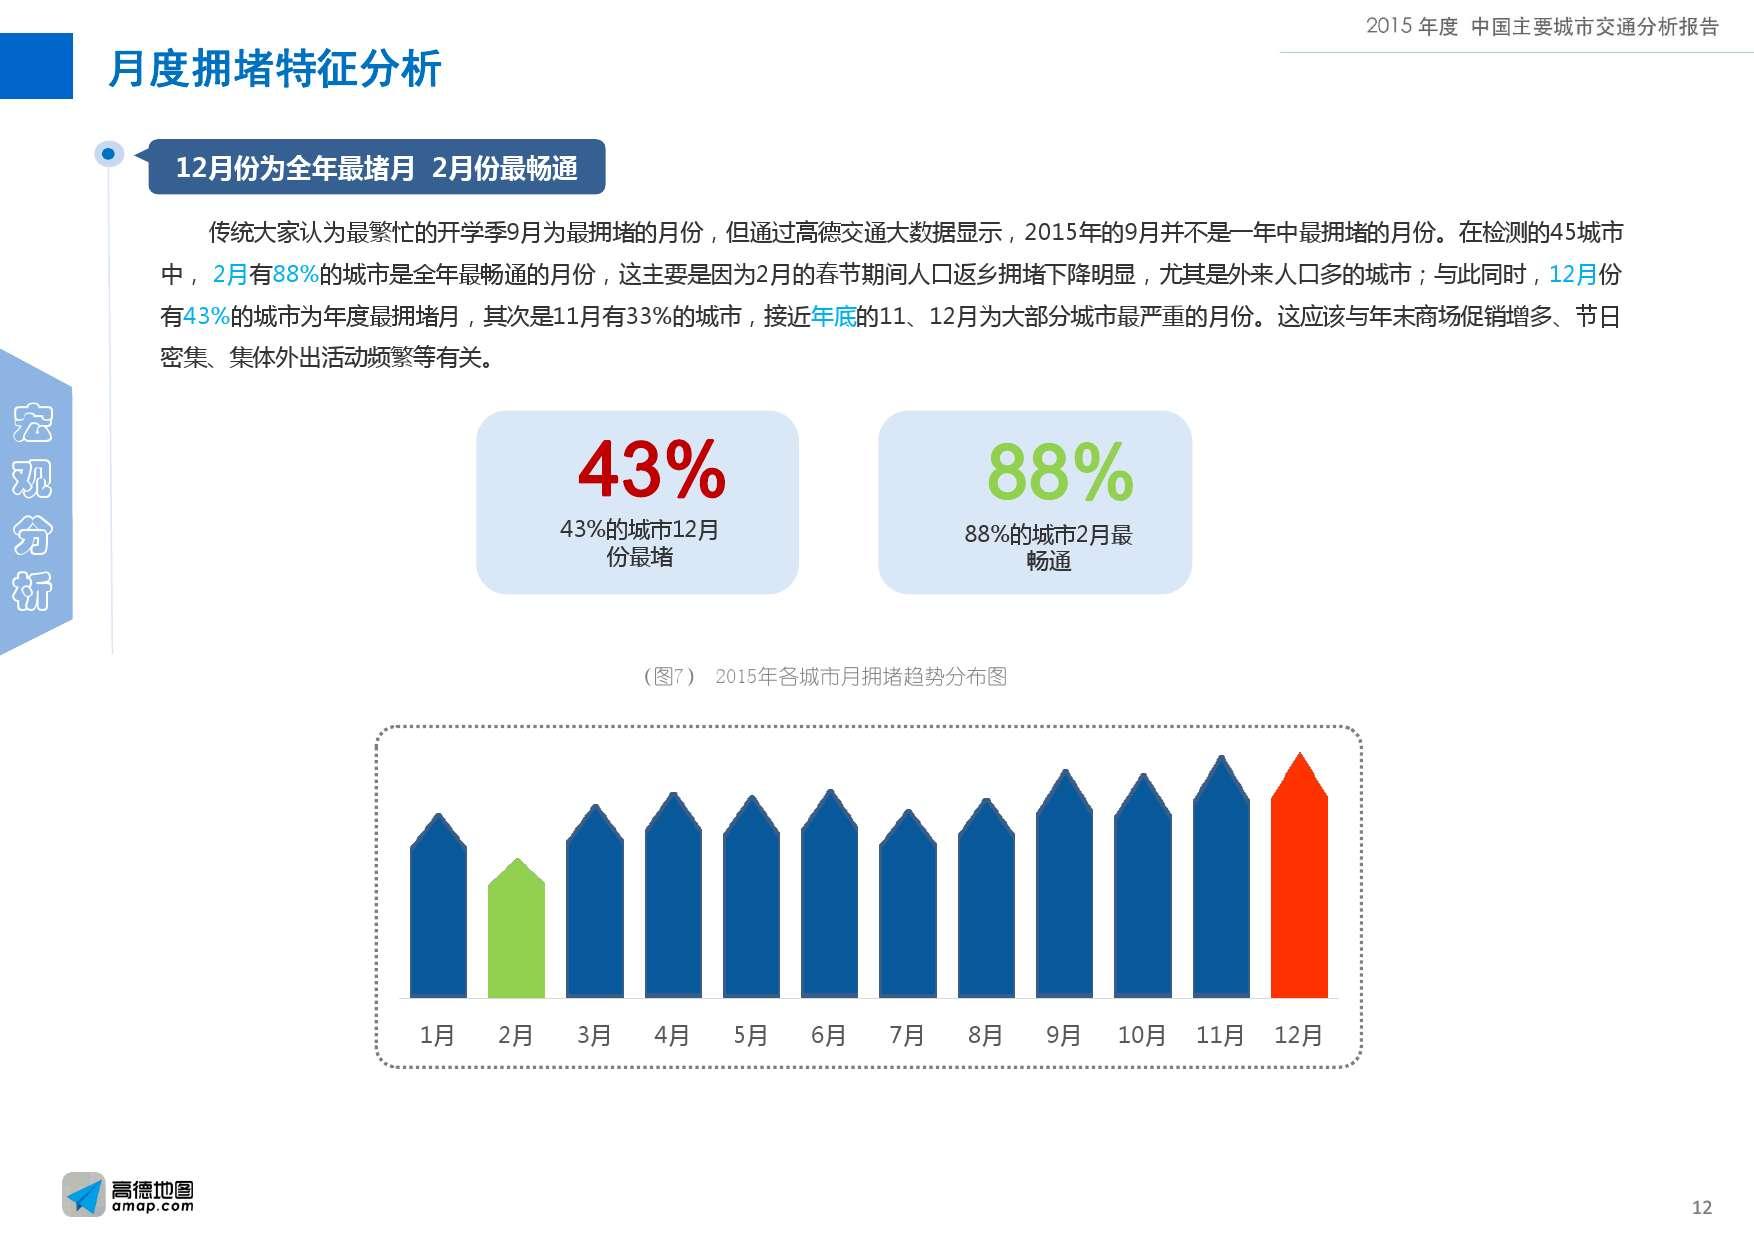 2015年度中国主要城市交通分析报告-final_000012